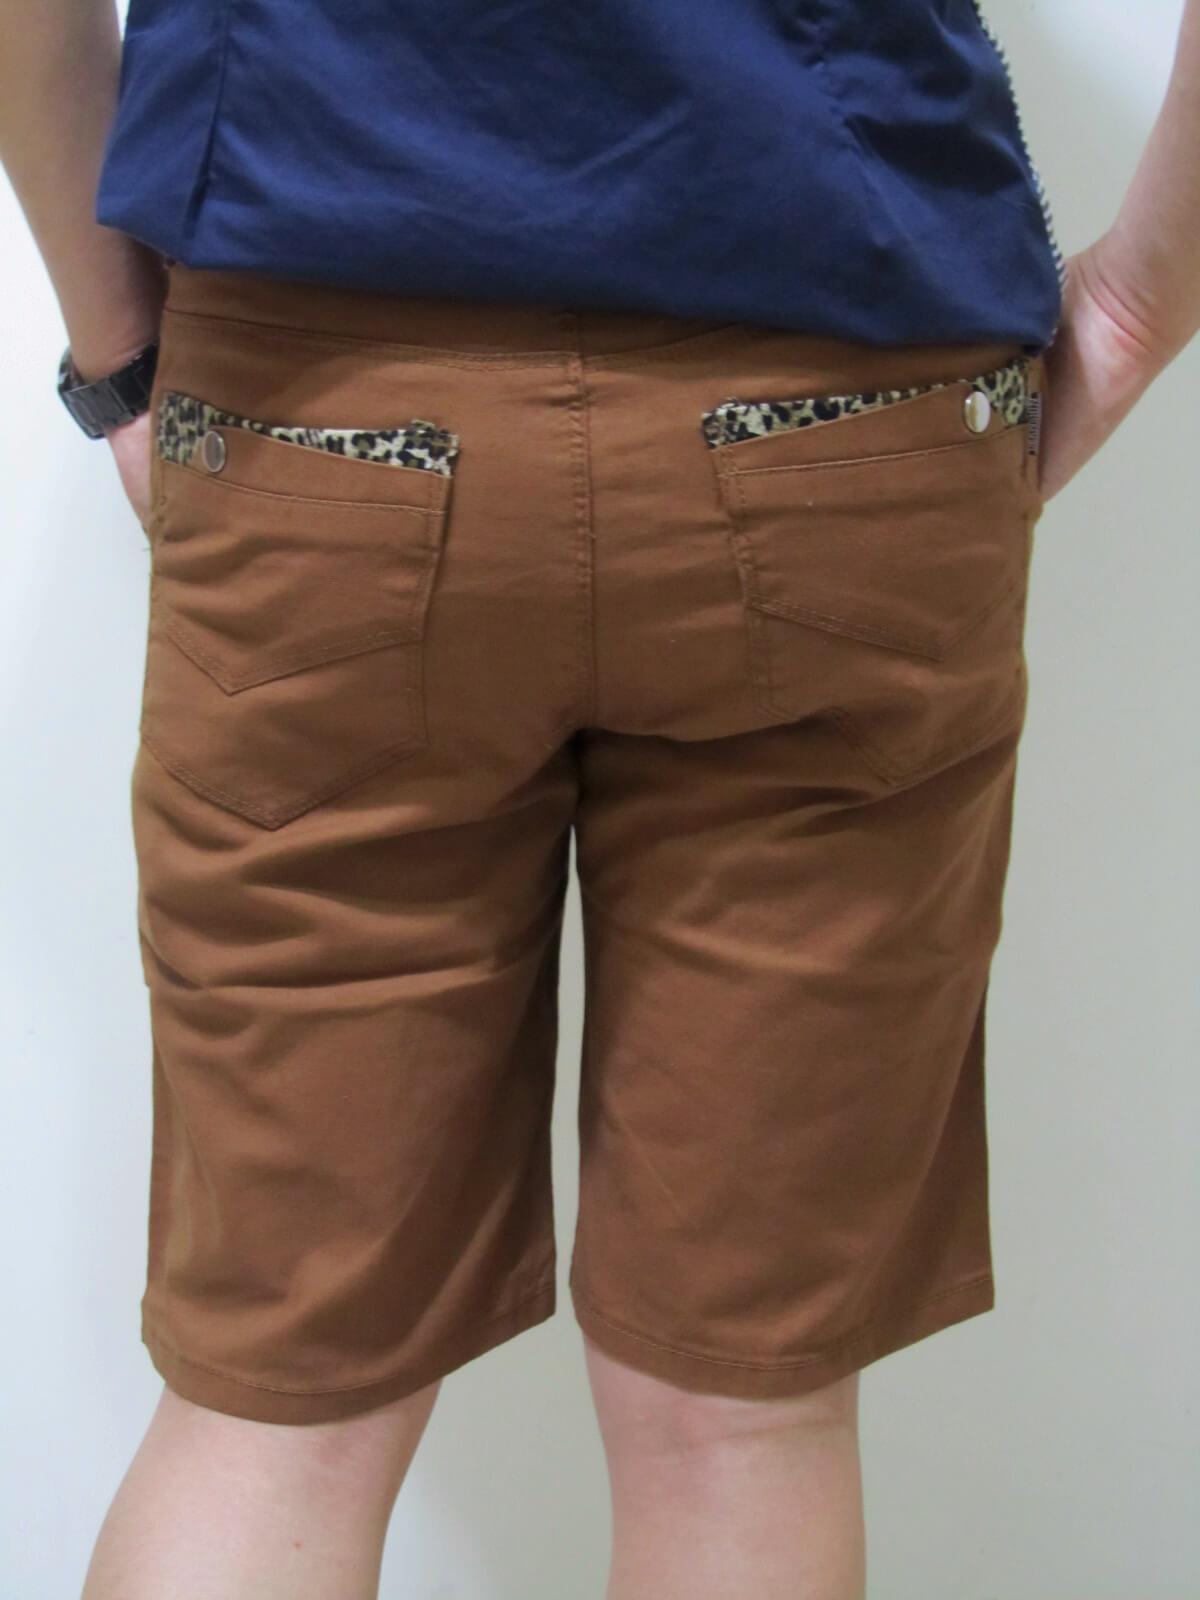 sun-e流行色褲短褲、口袋袋緣豹紋紋路滾邊、休閒短褲、腰圍有皮帶環(褲耳)、褲檔有拉鍊、咖啡色短褲(321-5176-19)咖啡 腰圍:M L XL 2L 3L(28~37英吋) 2